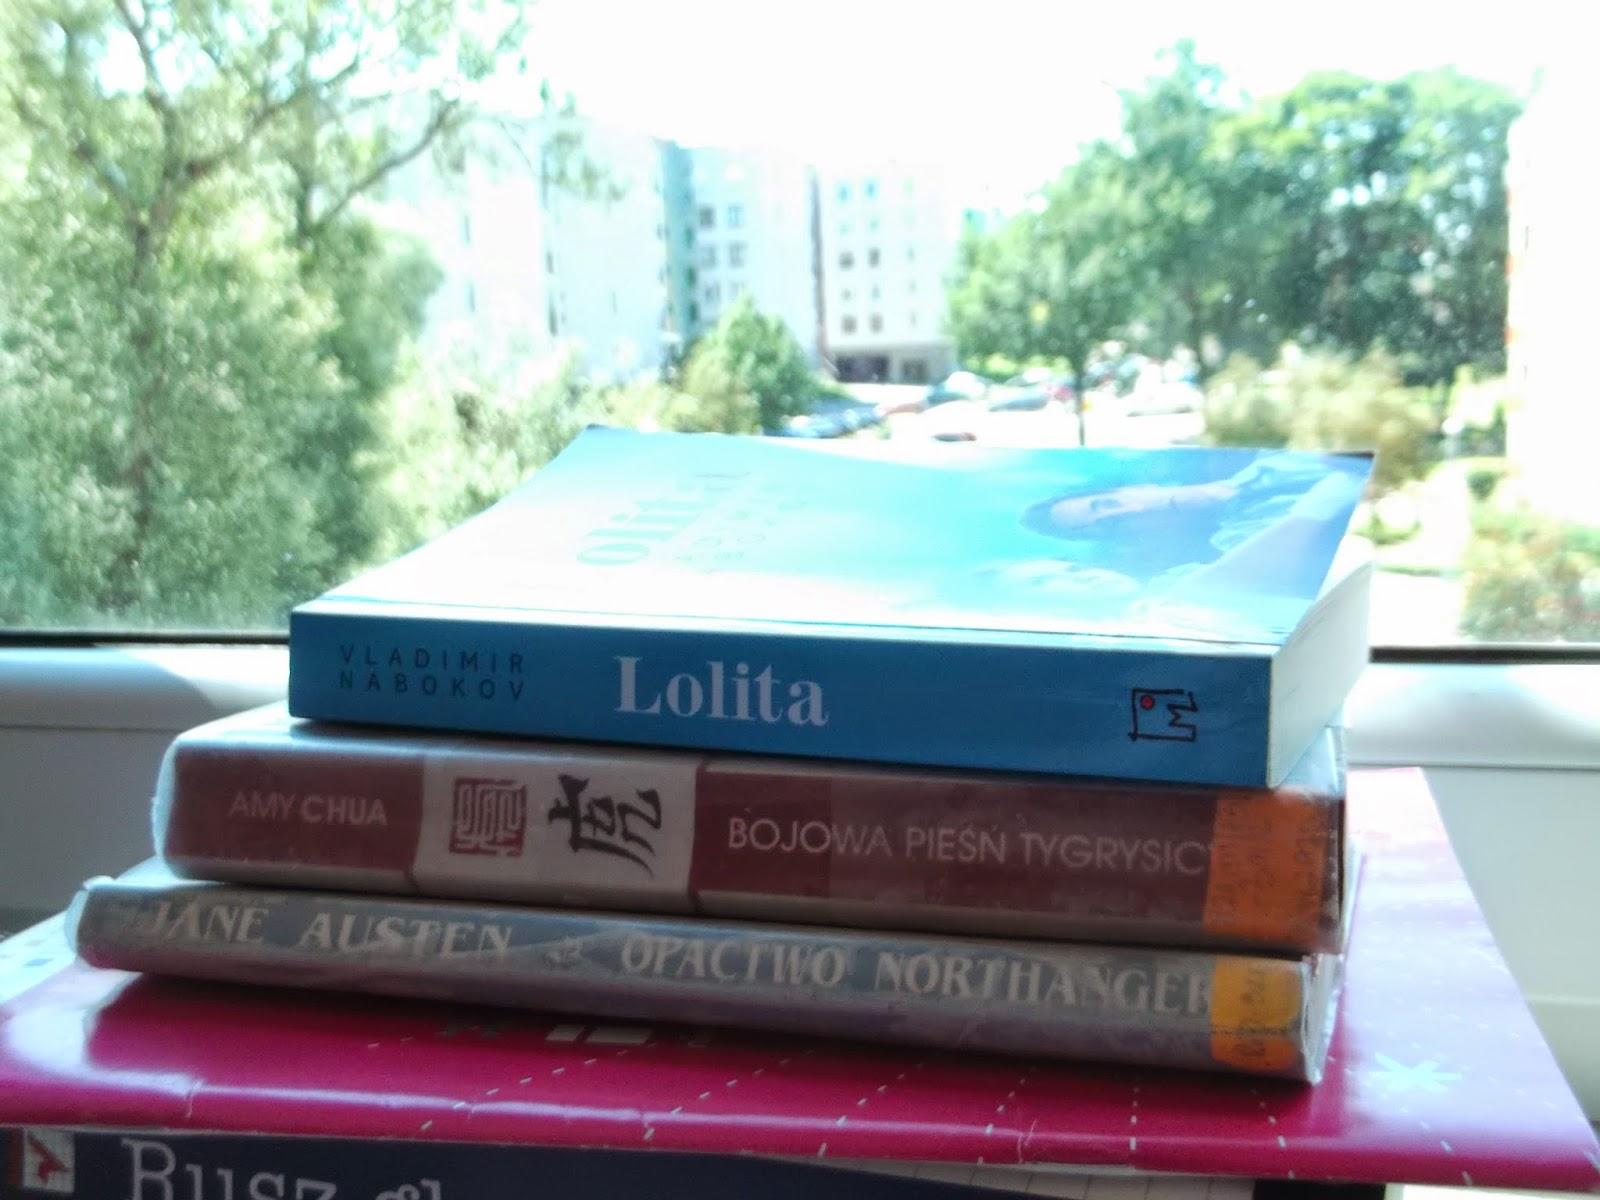 books, Lolita, Northanger Abbey, Bojowa pieśń tygrysicy, opactwo Northanger, książki, wakacje